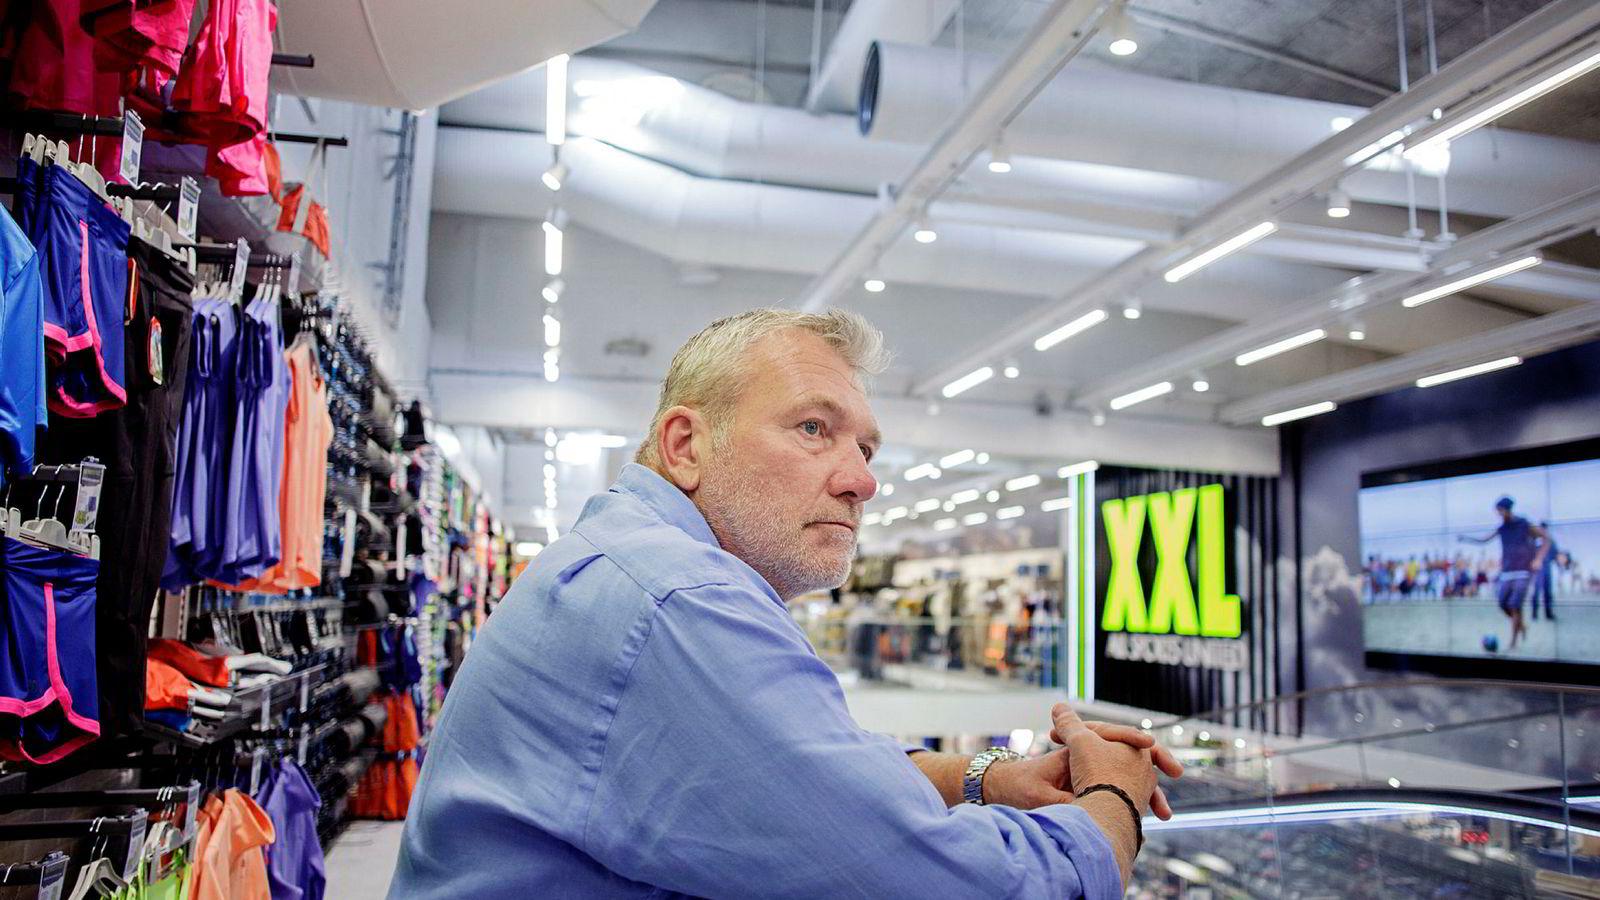 XXL har hatt et år fullt av skandaleoppslag, blant annet om det XXL-sjef Øivind Tidemandsen beskriver som en «vinnerkultur ute av kontroll». Nå avslører tidligere selgerledere systematisk prisjuks i sportsutstyrkjeden.